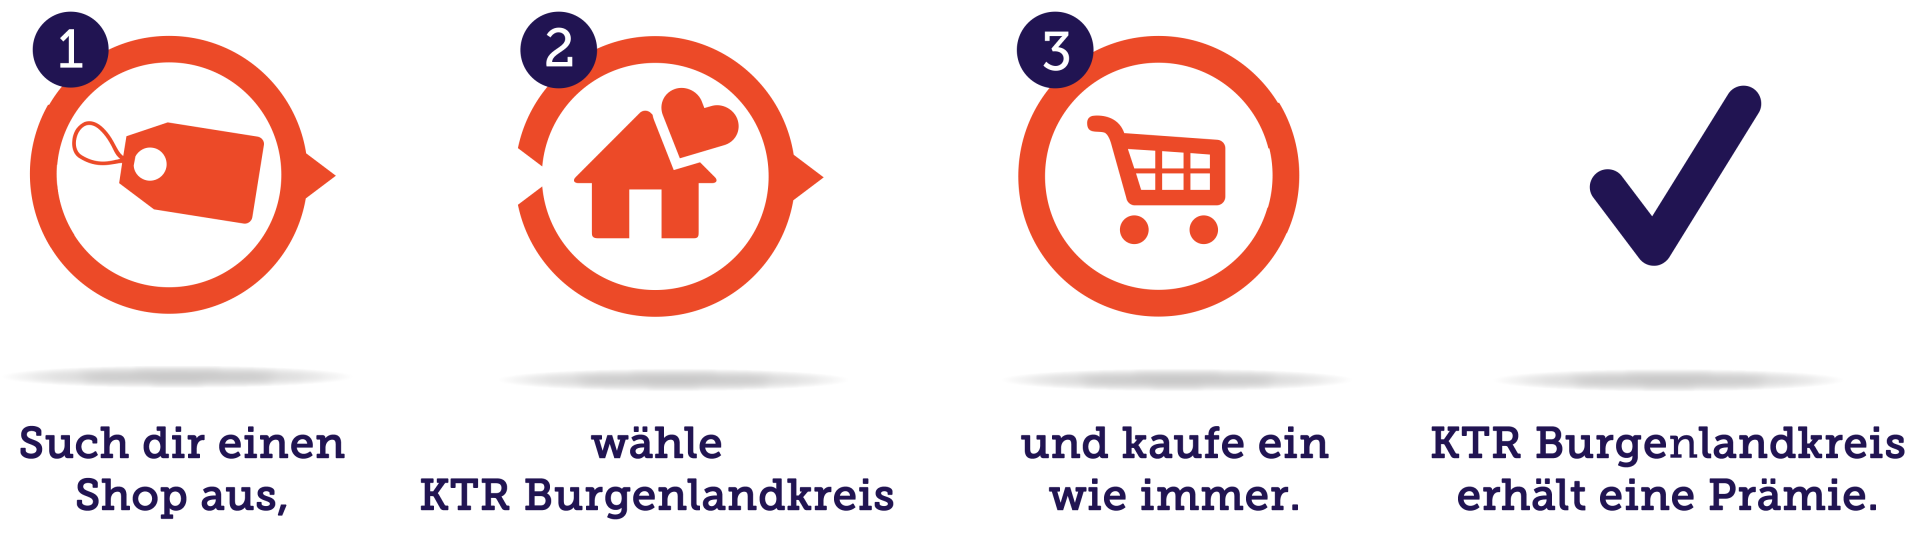 vorlage-so-funktioniert-es-2zeilig-du_KTR-Burgenlandkreis